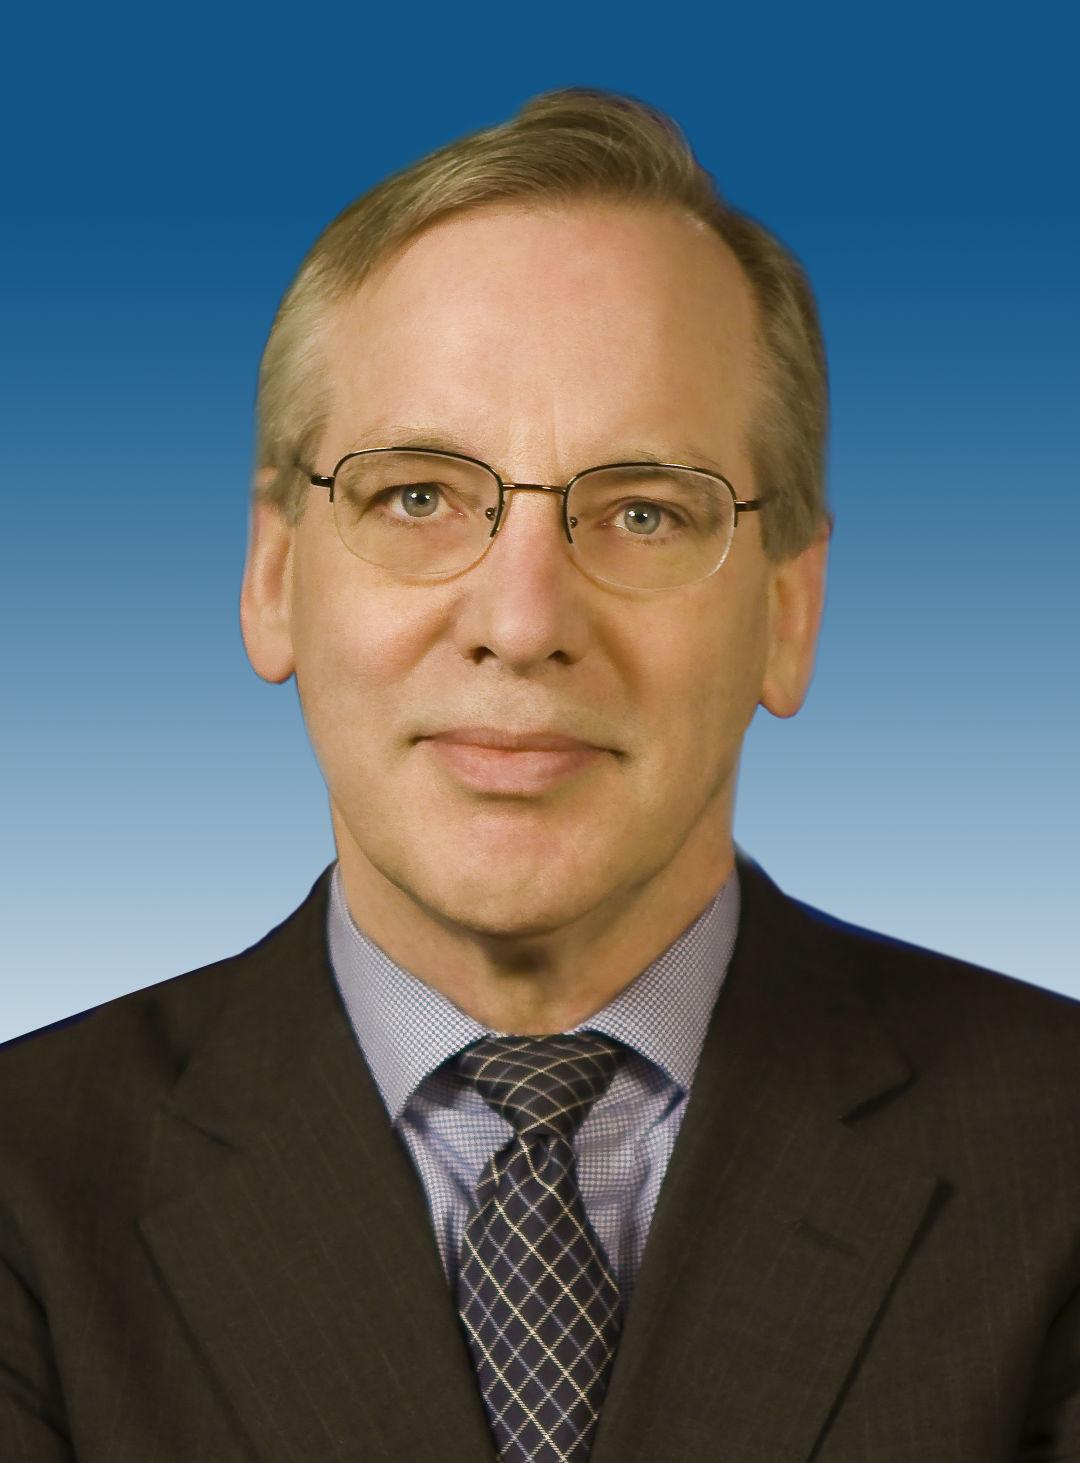 William dudley kpbxfs